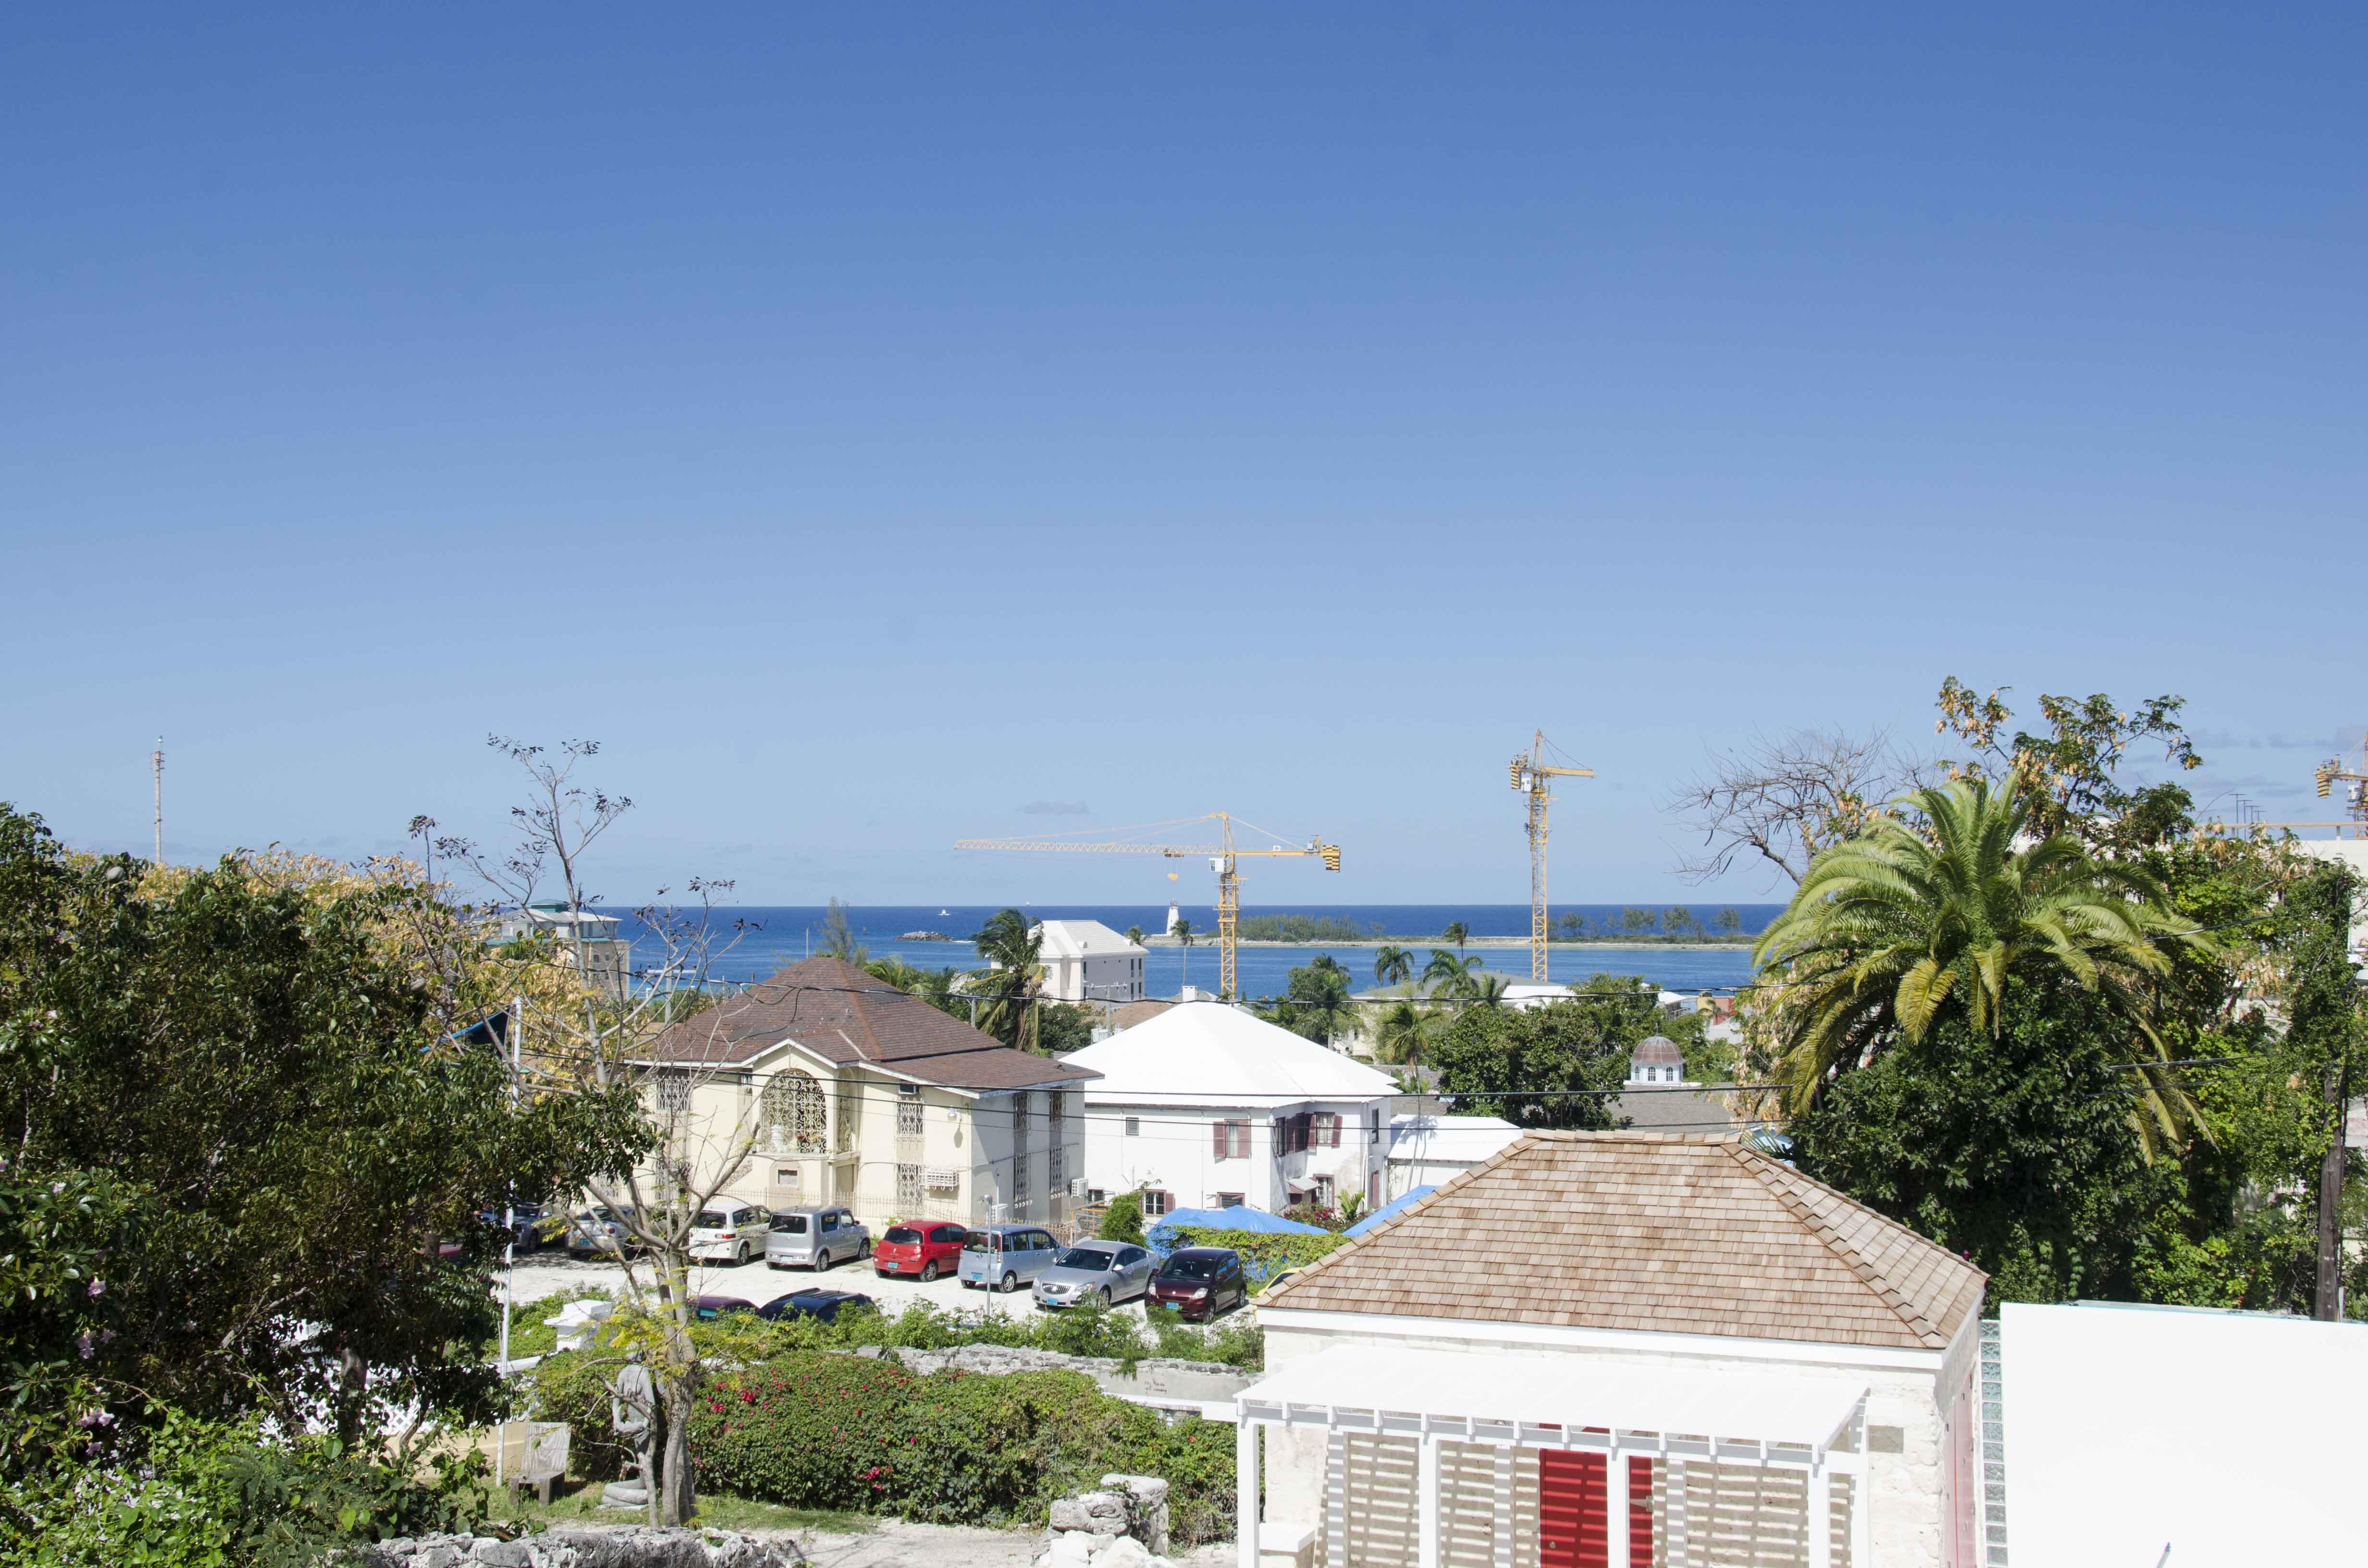 NAGB ocean view